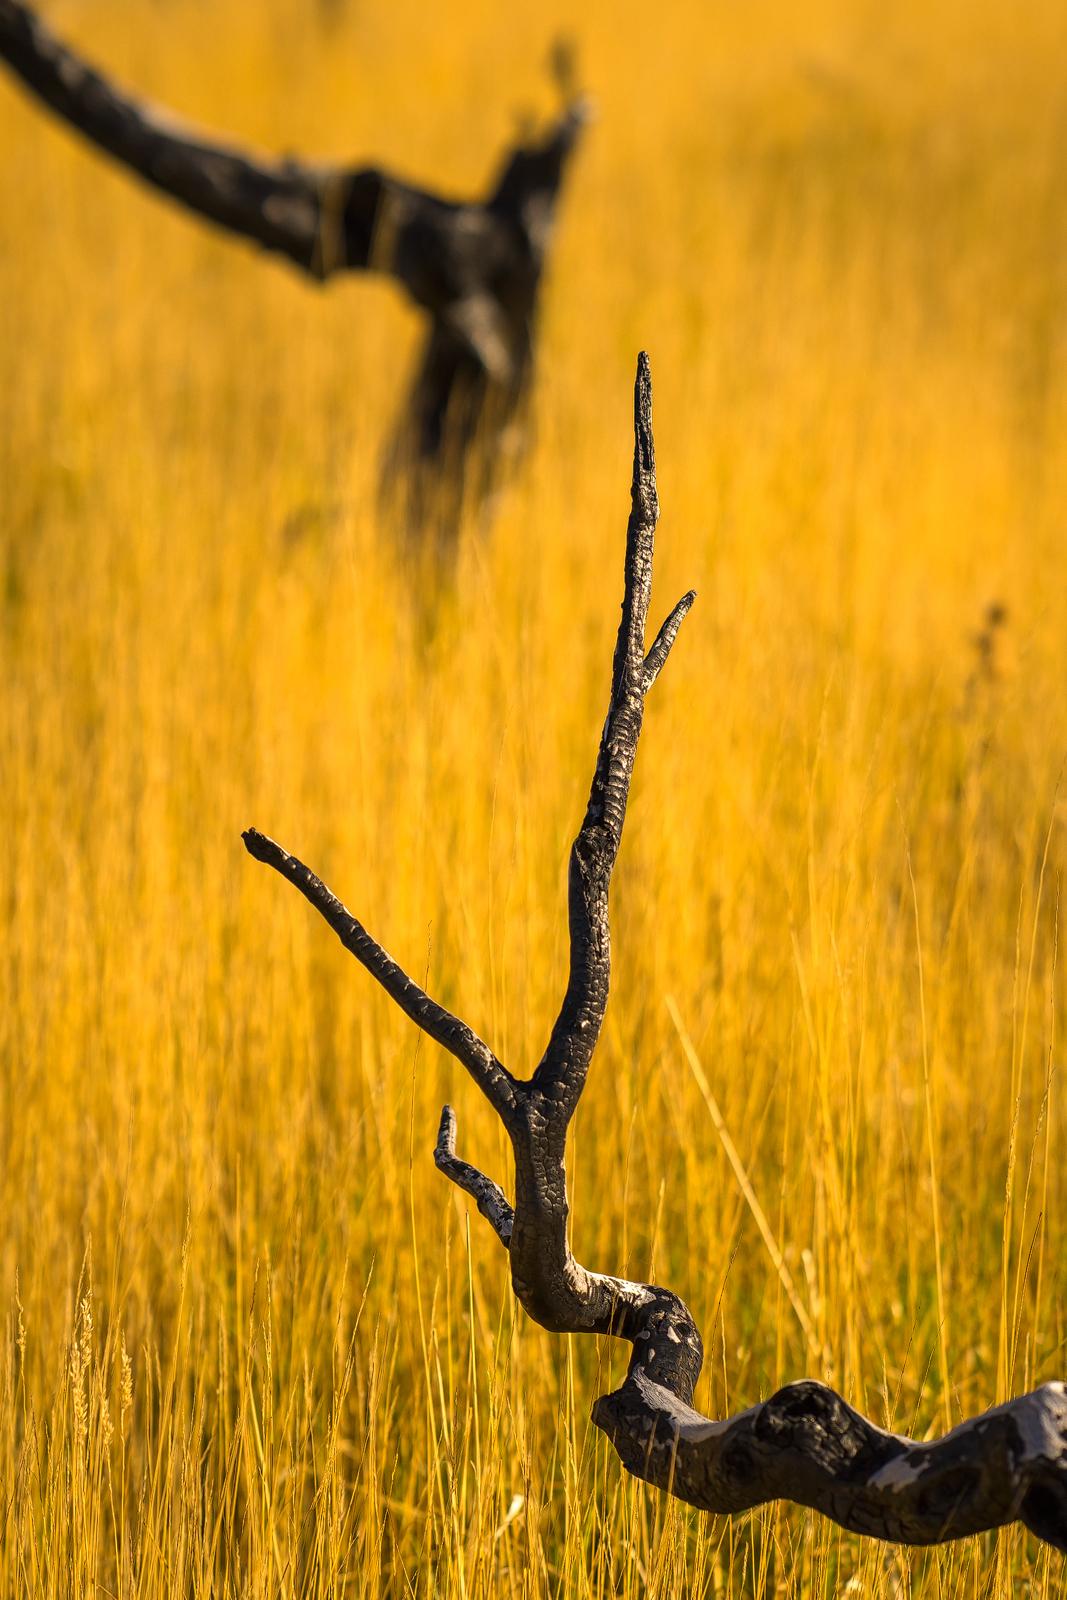 Nature - Photo 26